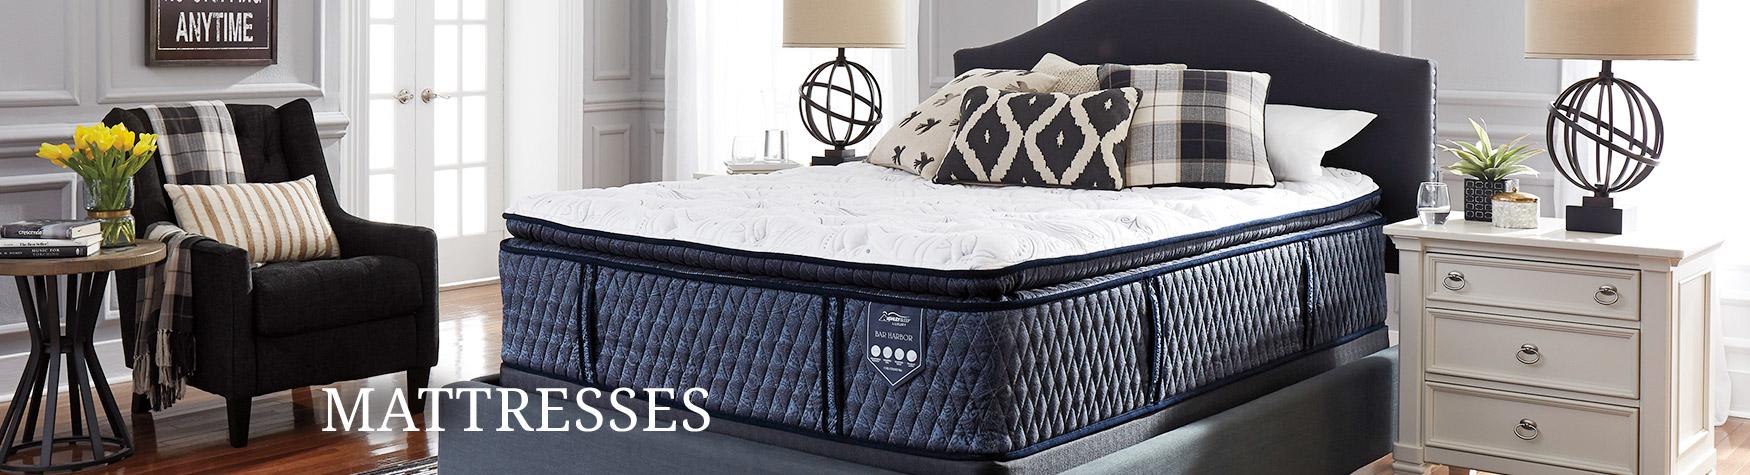 mattresses-banner-1.jpg